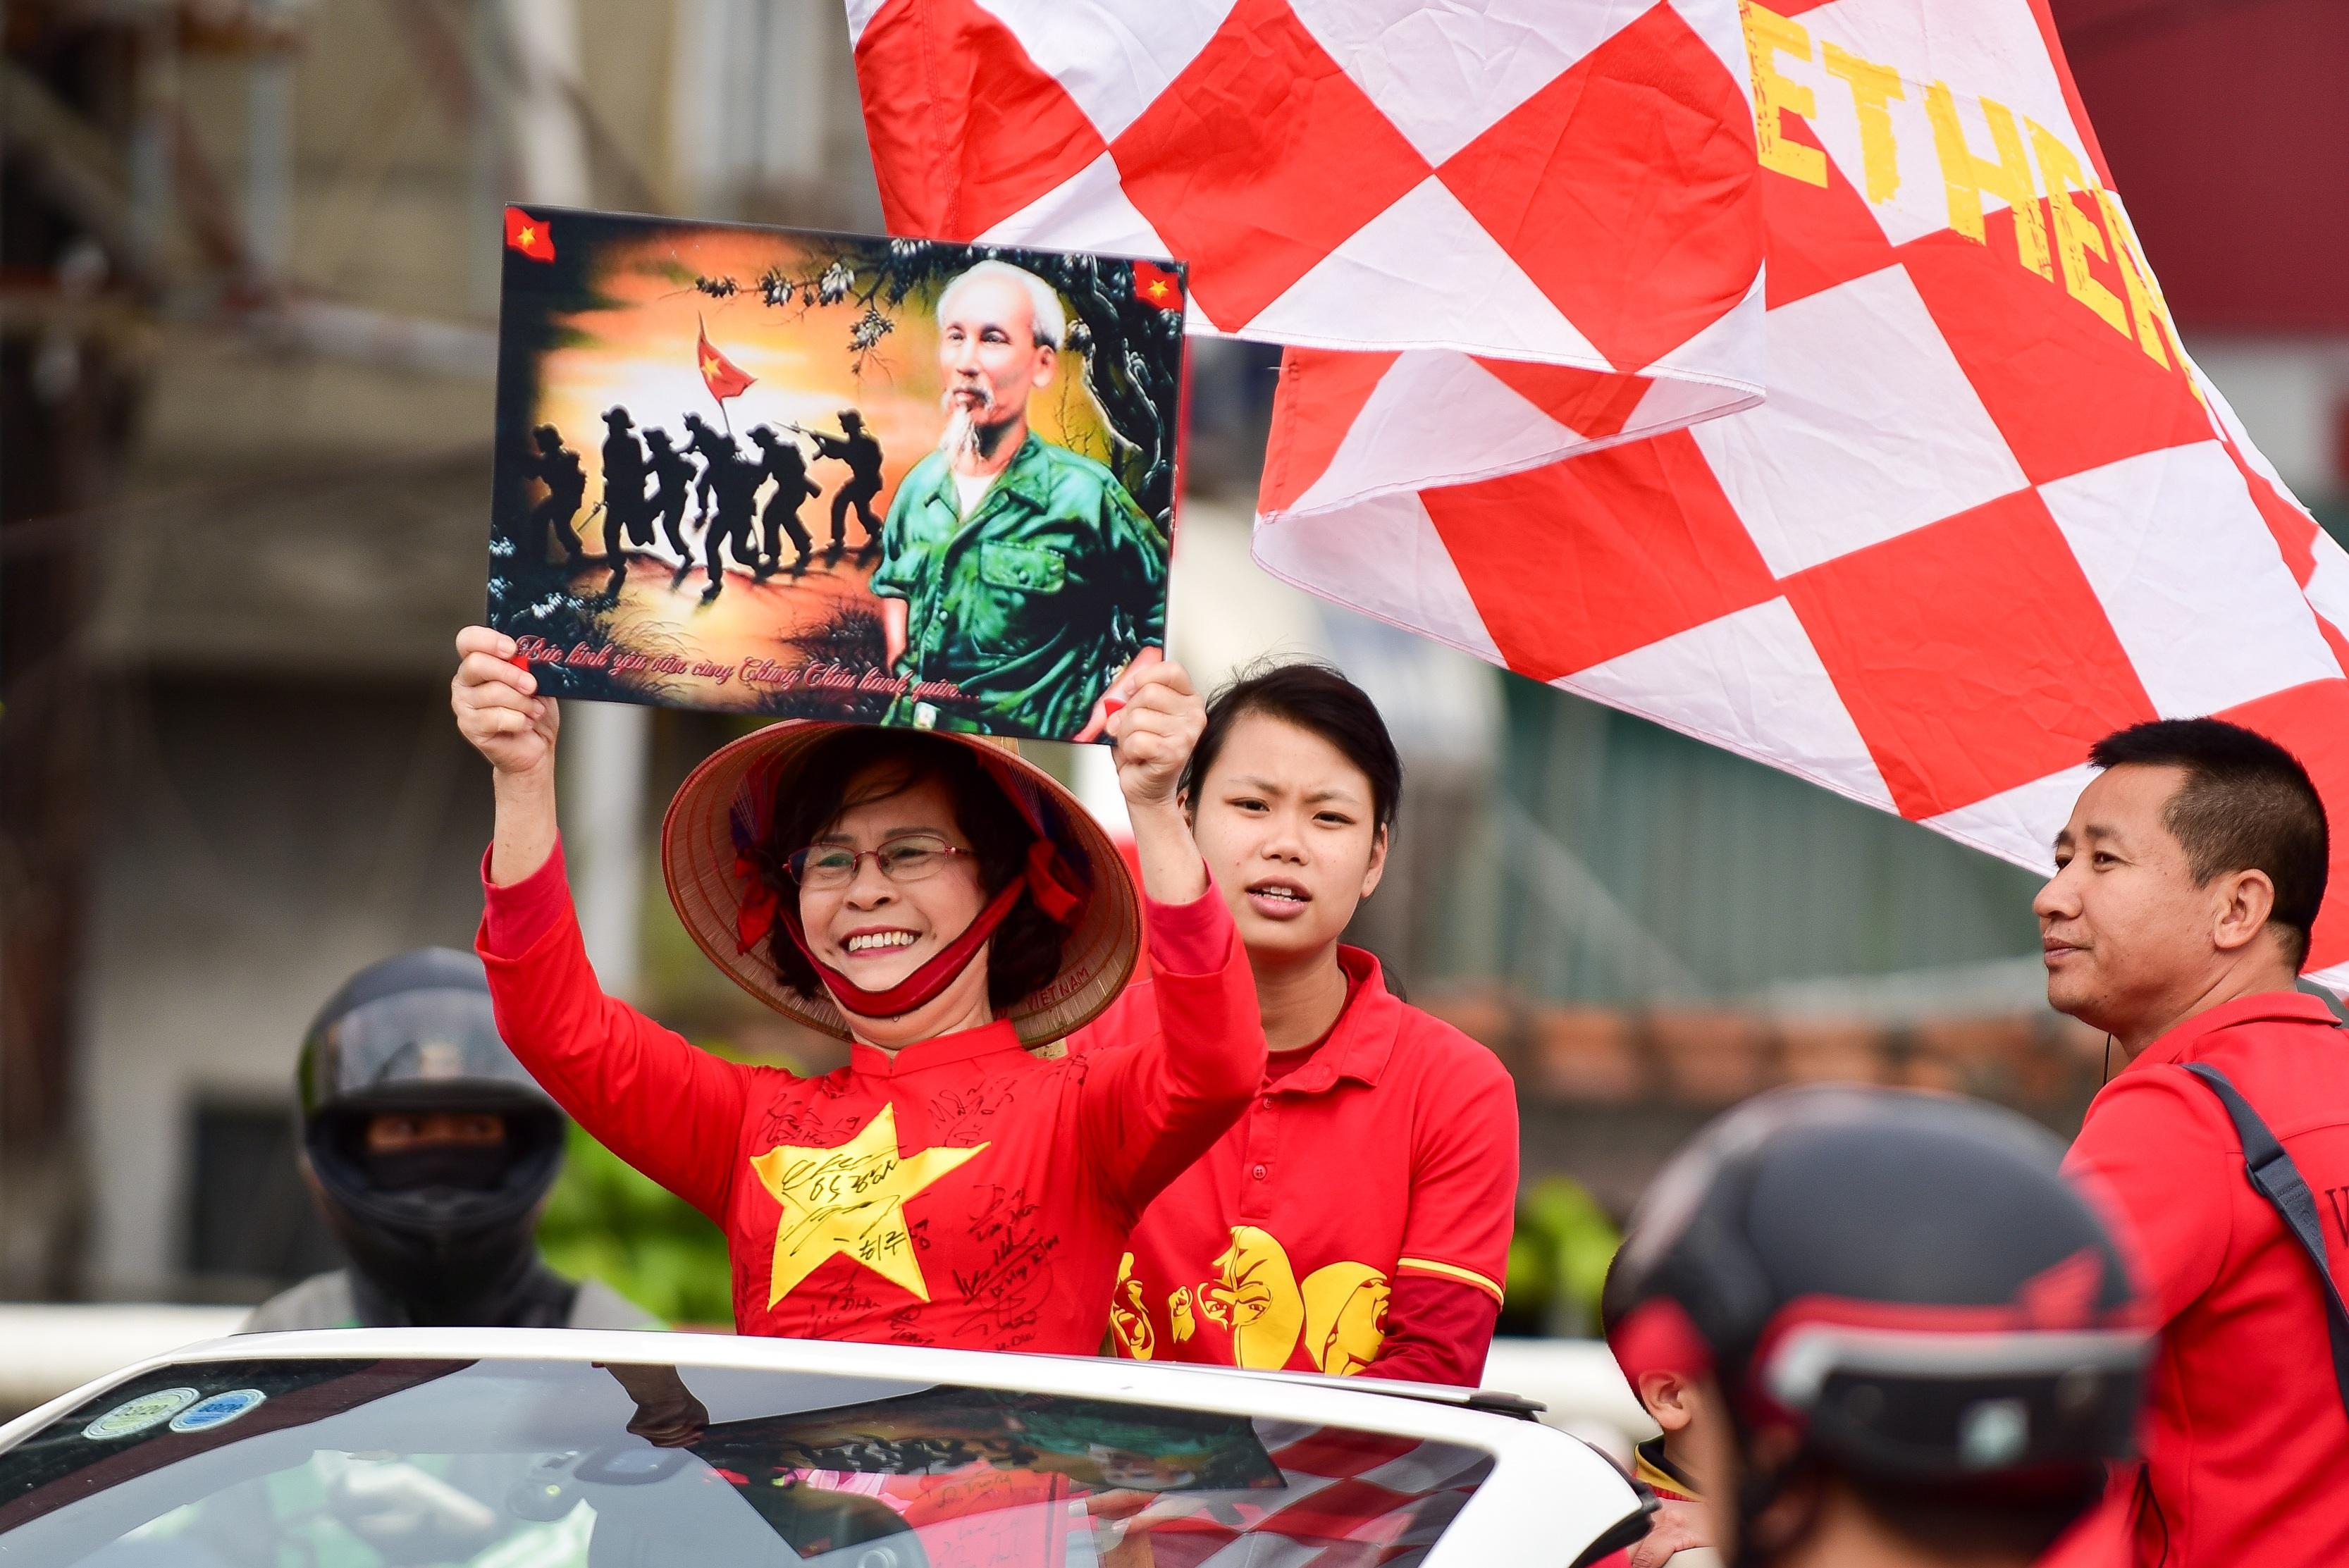 Cổ động viên tiếp lửa cho đội tuyển Việt Nam trước trận gặp Thái Lan - 8